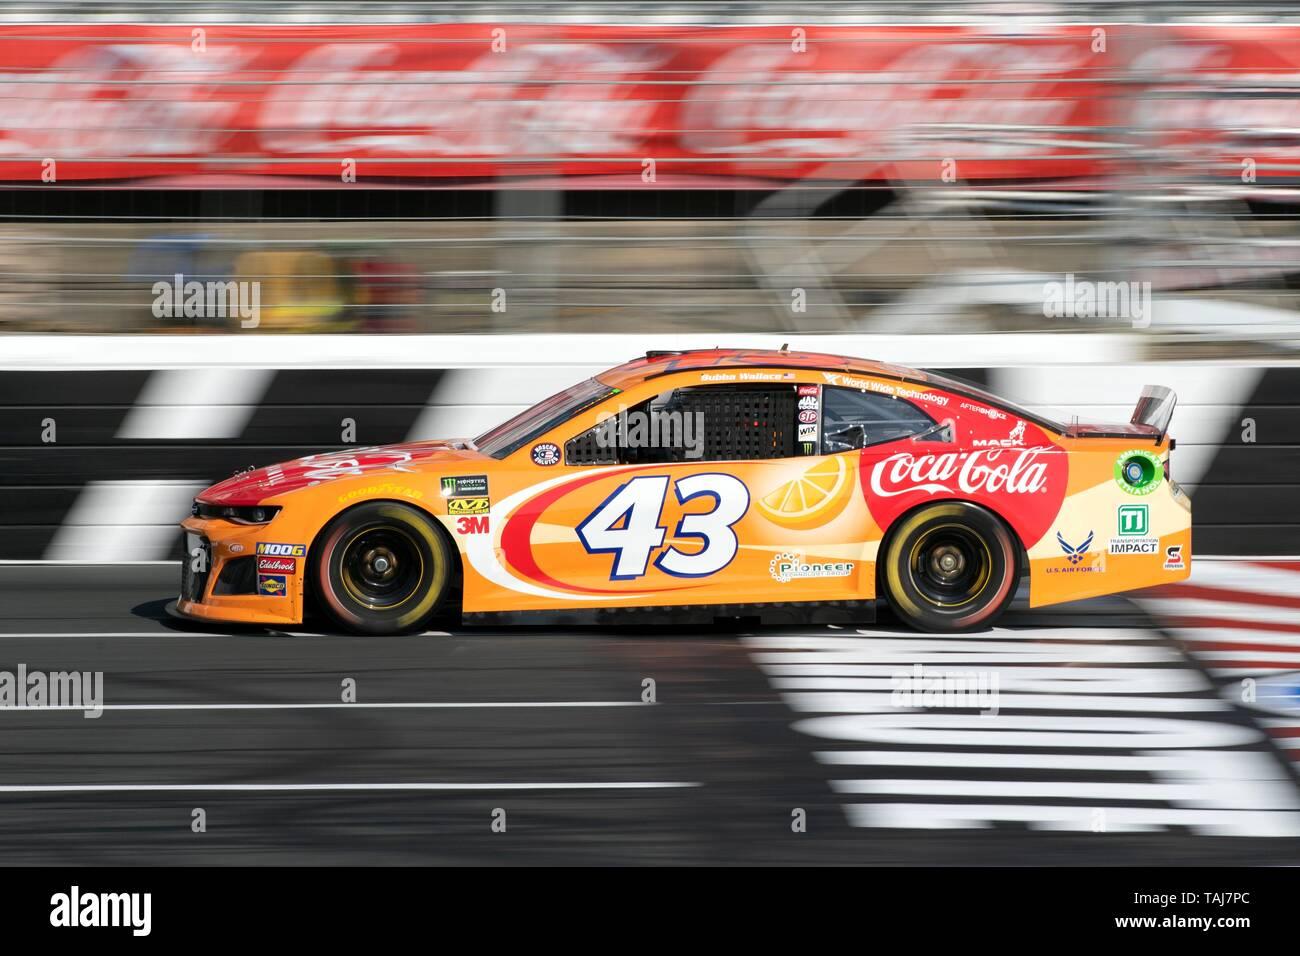 NASCAR Bubba Wallace conducir #43 en calificadores de la Coca-Cola 600 en Charlotte Motor Speedway el 25 de mayo de 2019 en Concord, Carolina del Norte. Crédito: Planetpix/Alamy Live News Imagen De Stock